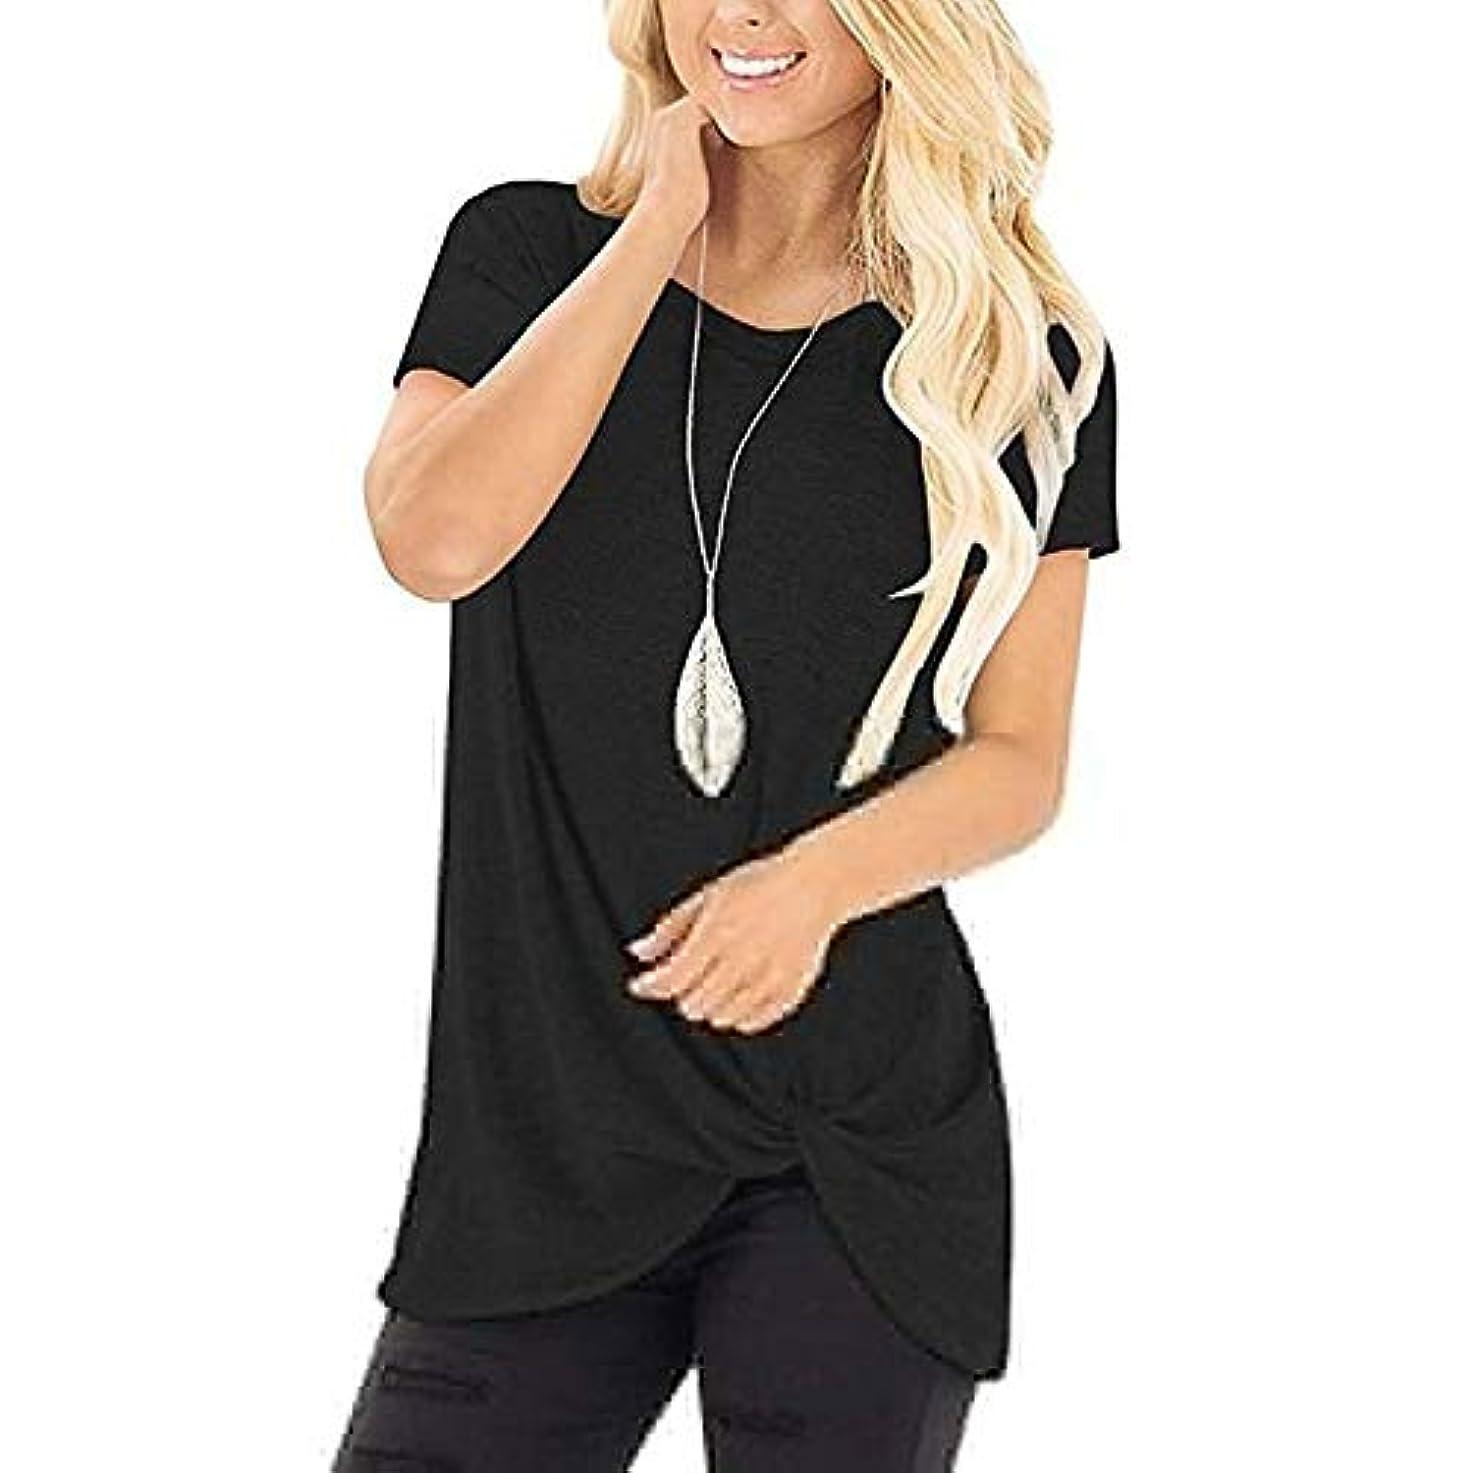 ディスカウントチャート慎重にMIFAN コットンTシャツ、カジュアルTシャツ、レディースブラウス、トップス&Tシャツ、プラスサイズ、ルーズtシャツ